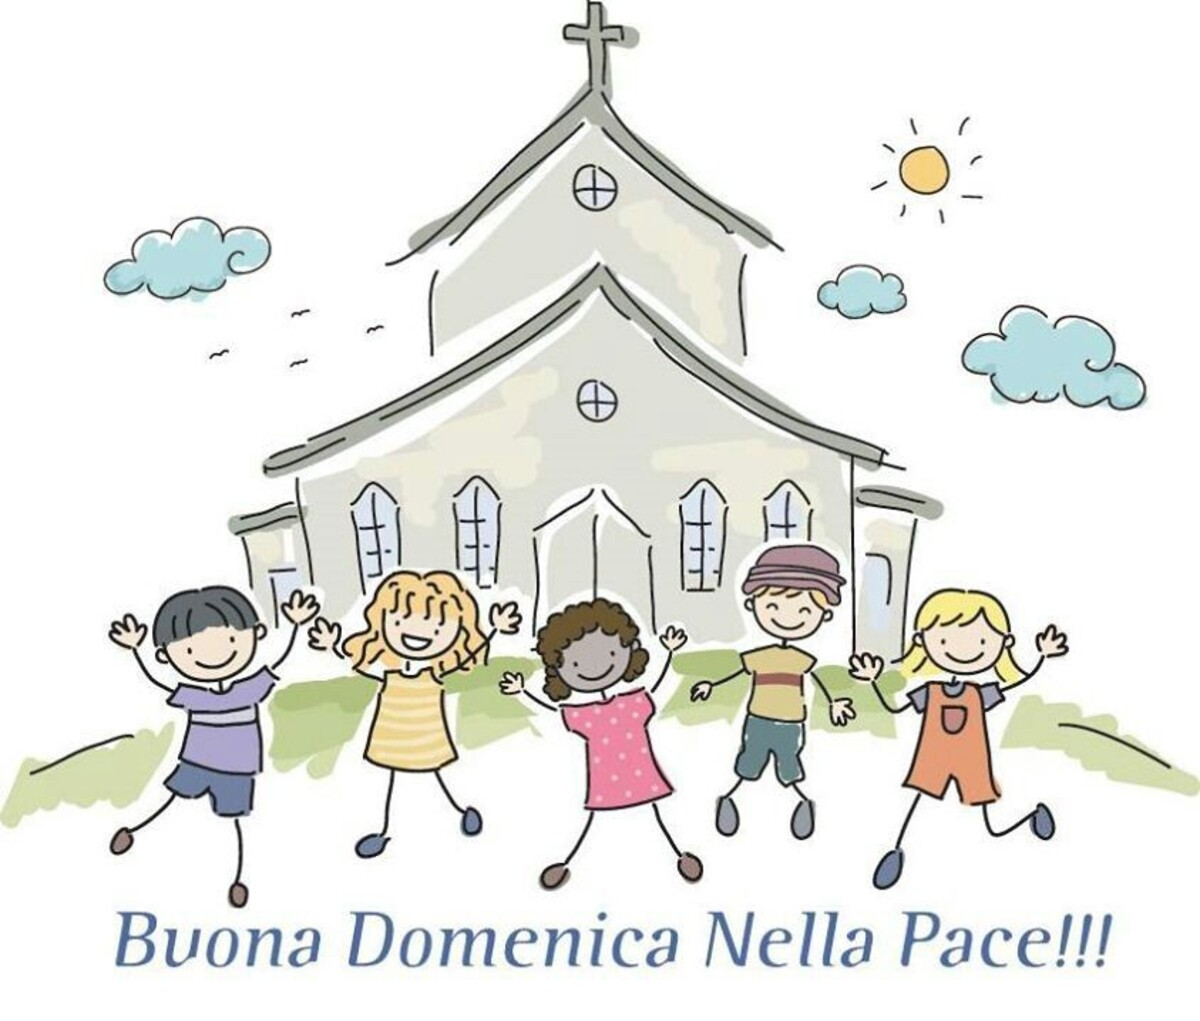 Buona Domenica nella pace